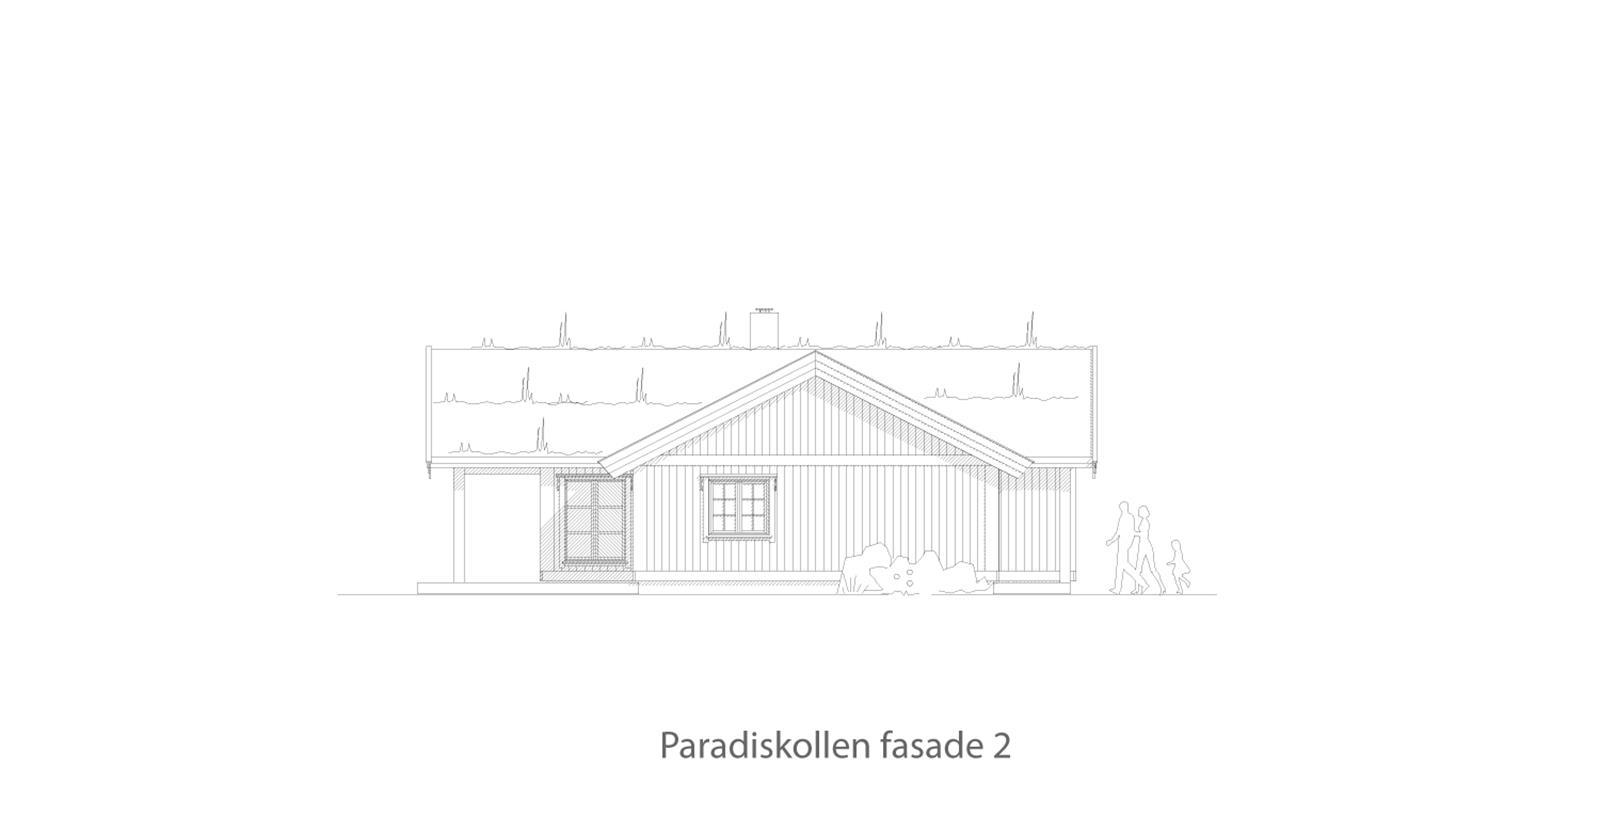 Paradiskollen fasade 2